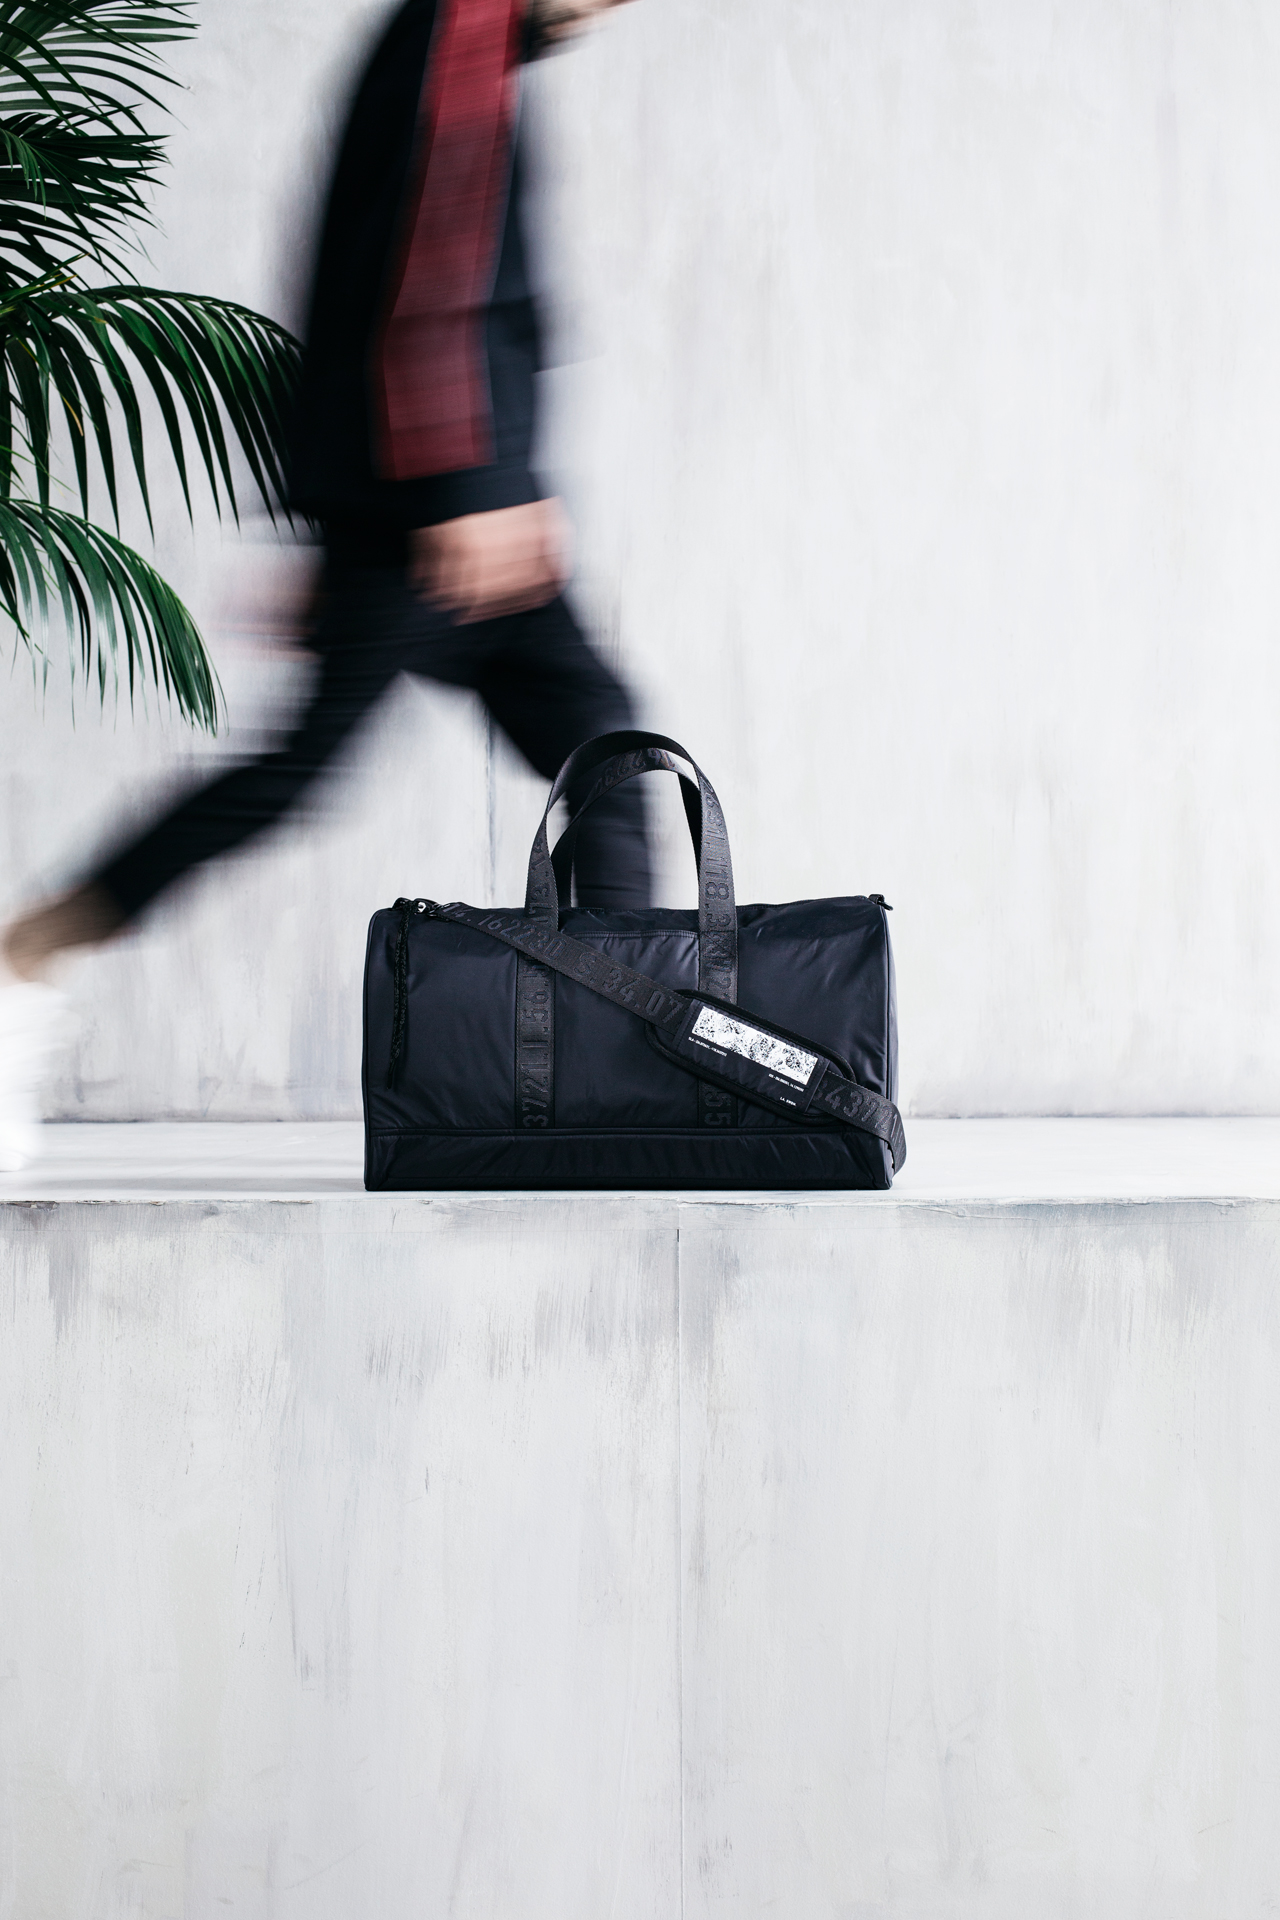 Czarna sportowa torba w betonowym wnętrzu, w tle palma i rozmazany idący człowiek.